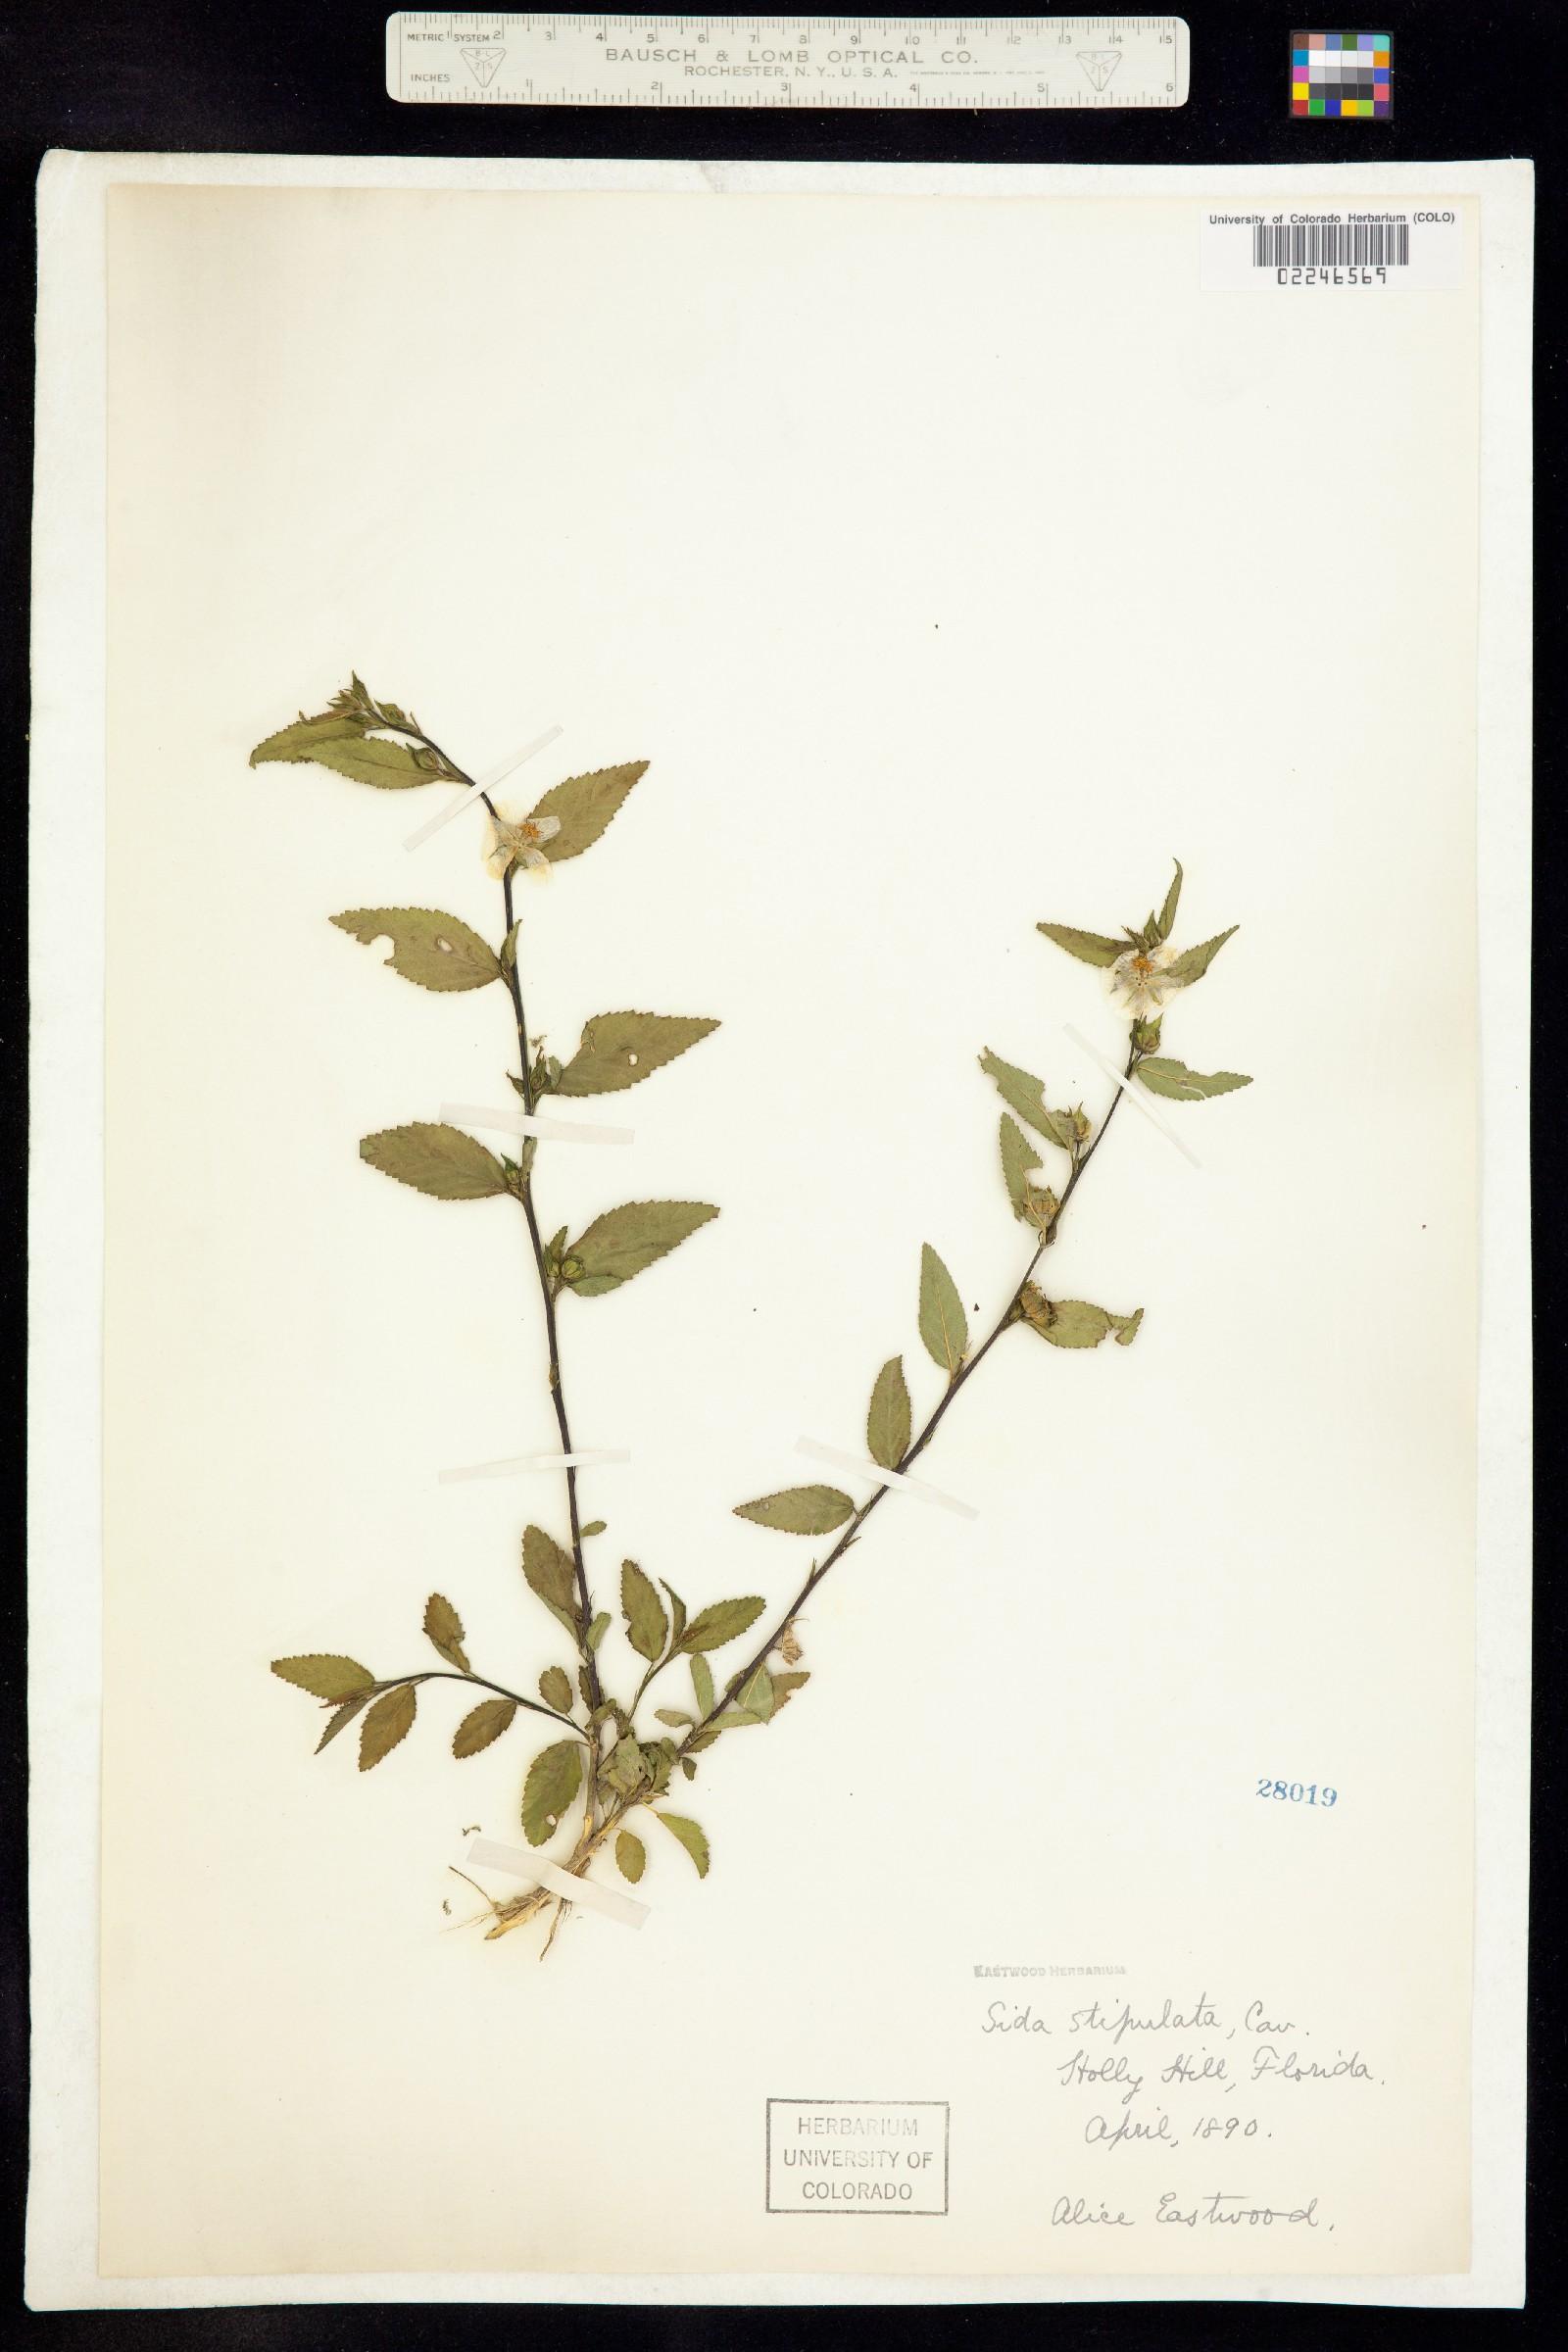 Sida ulmifolia image